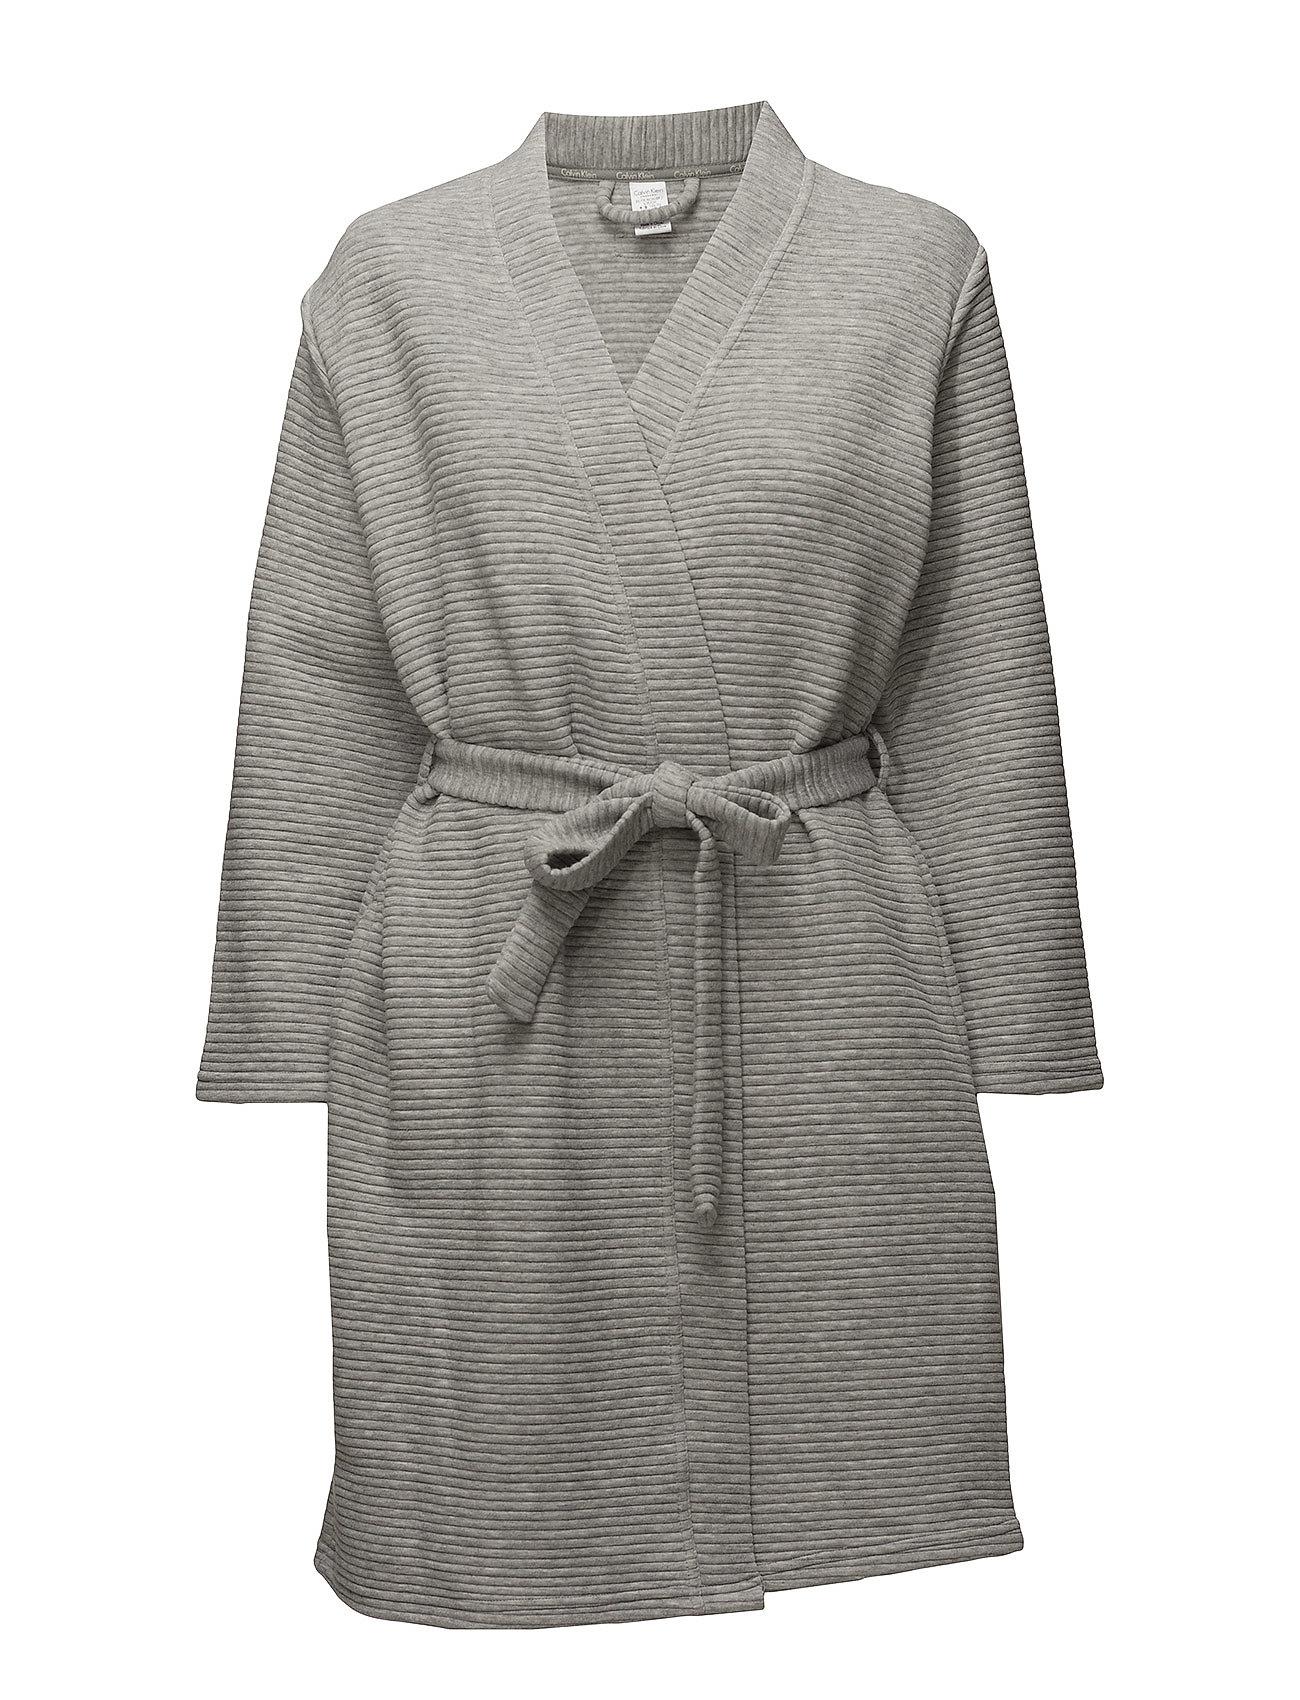 Robe, 020, xs-s fra calvin klein på boozt.com dk